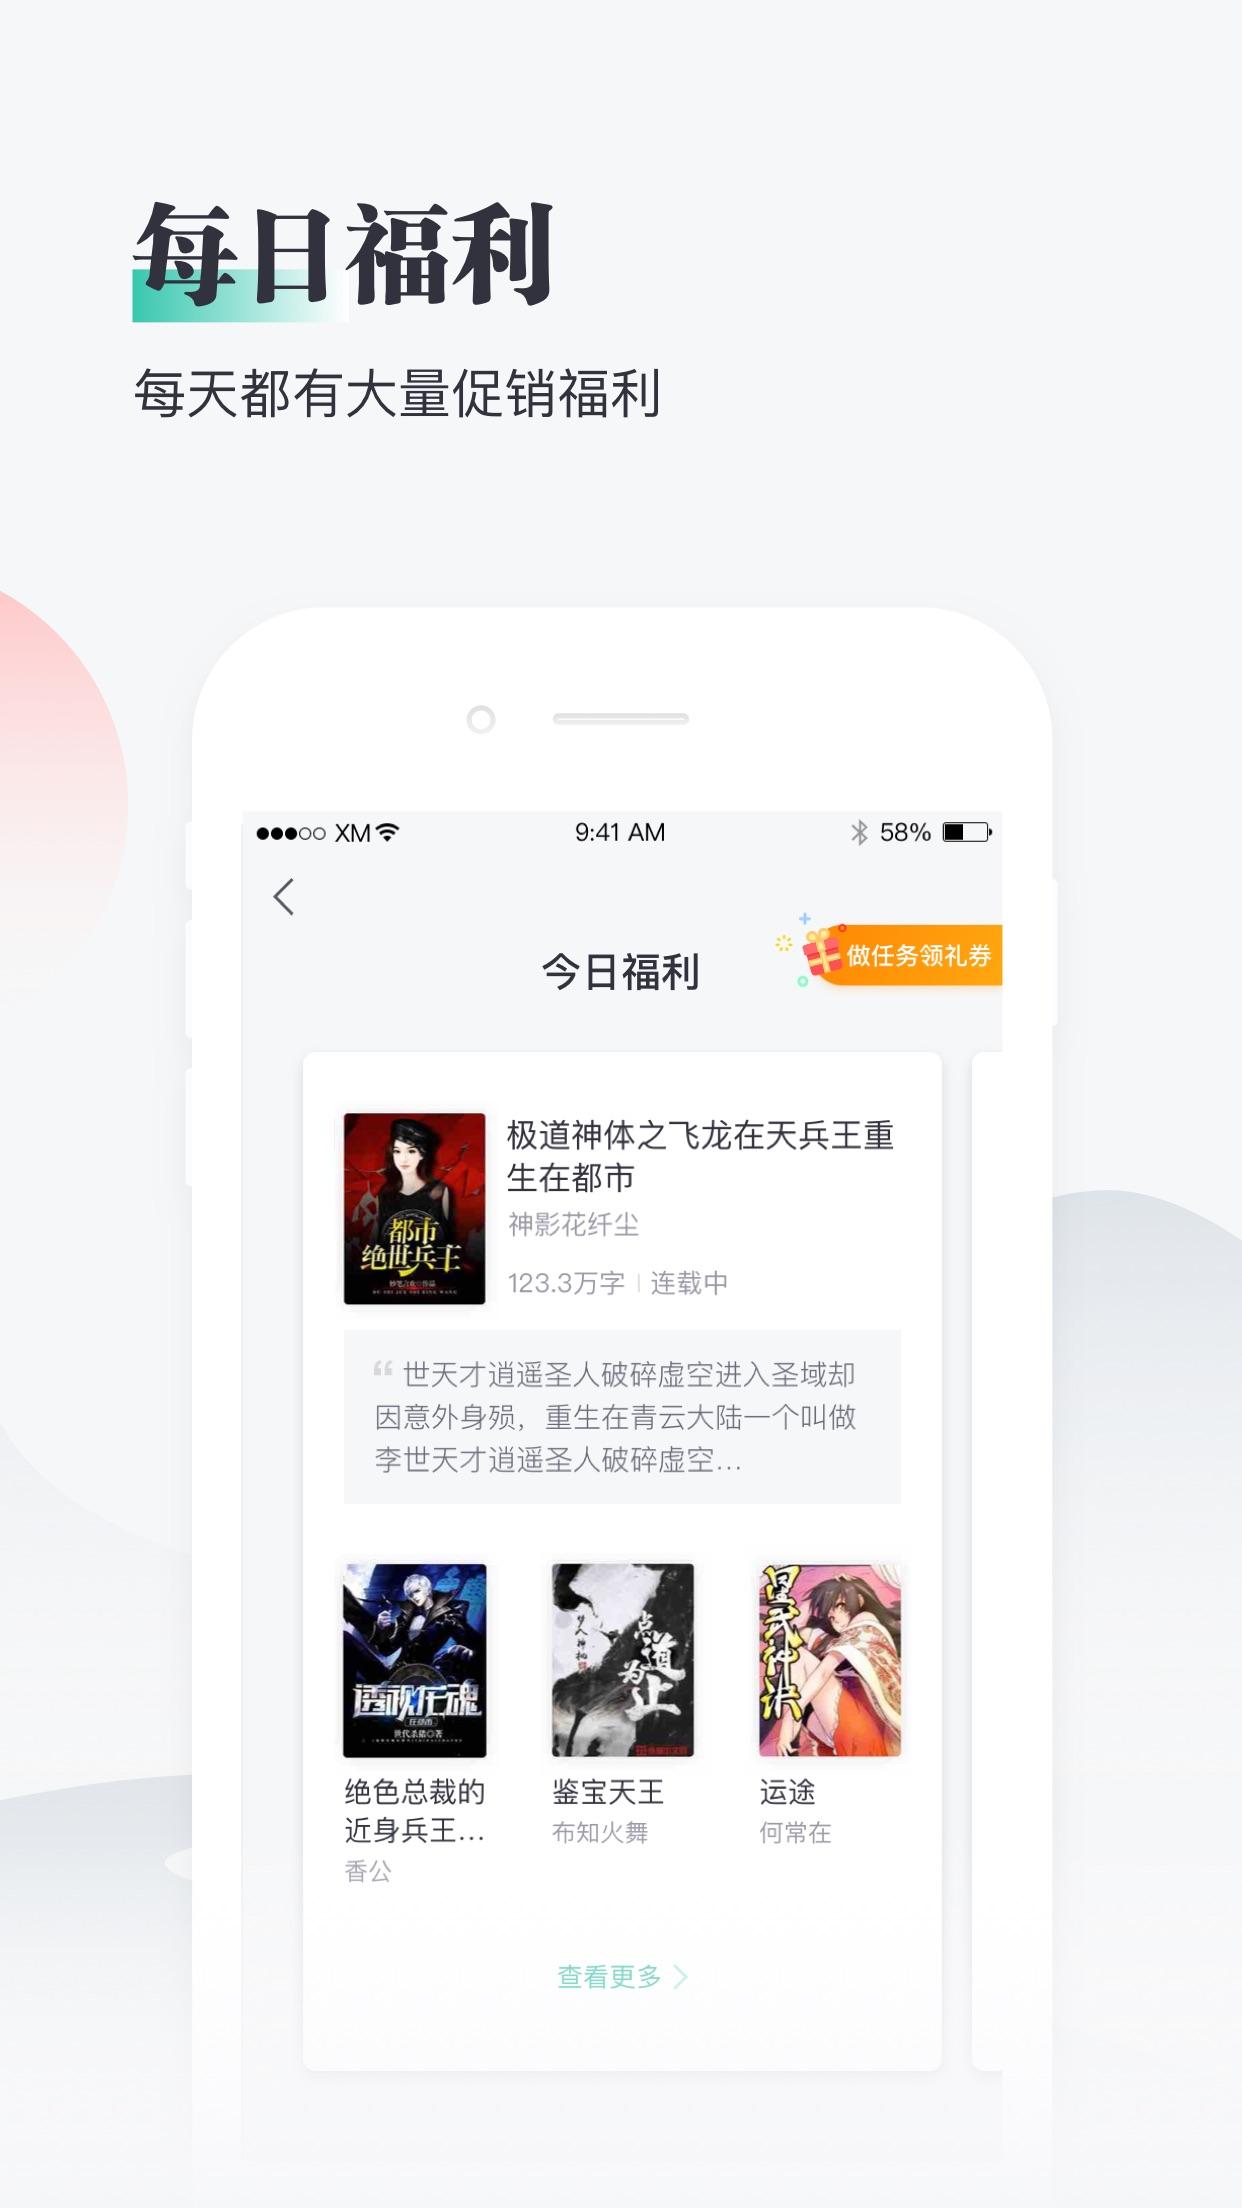 熊猫看书-小说,电子书,漫画掌上阅读神器 Screenshot